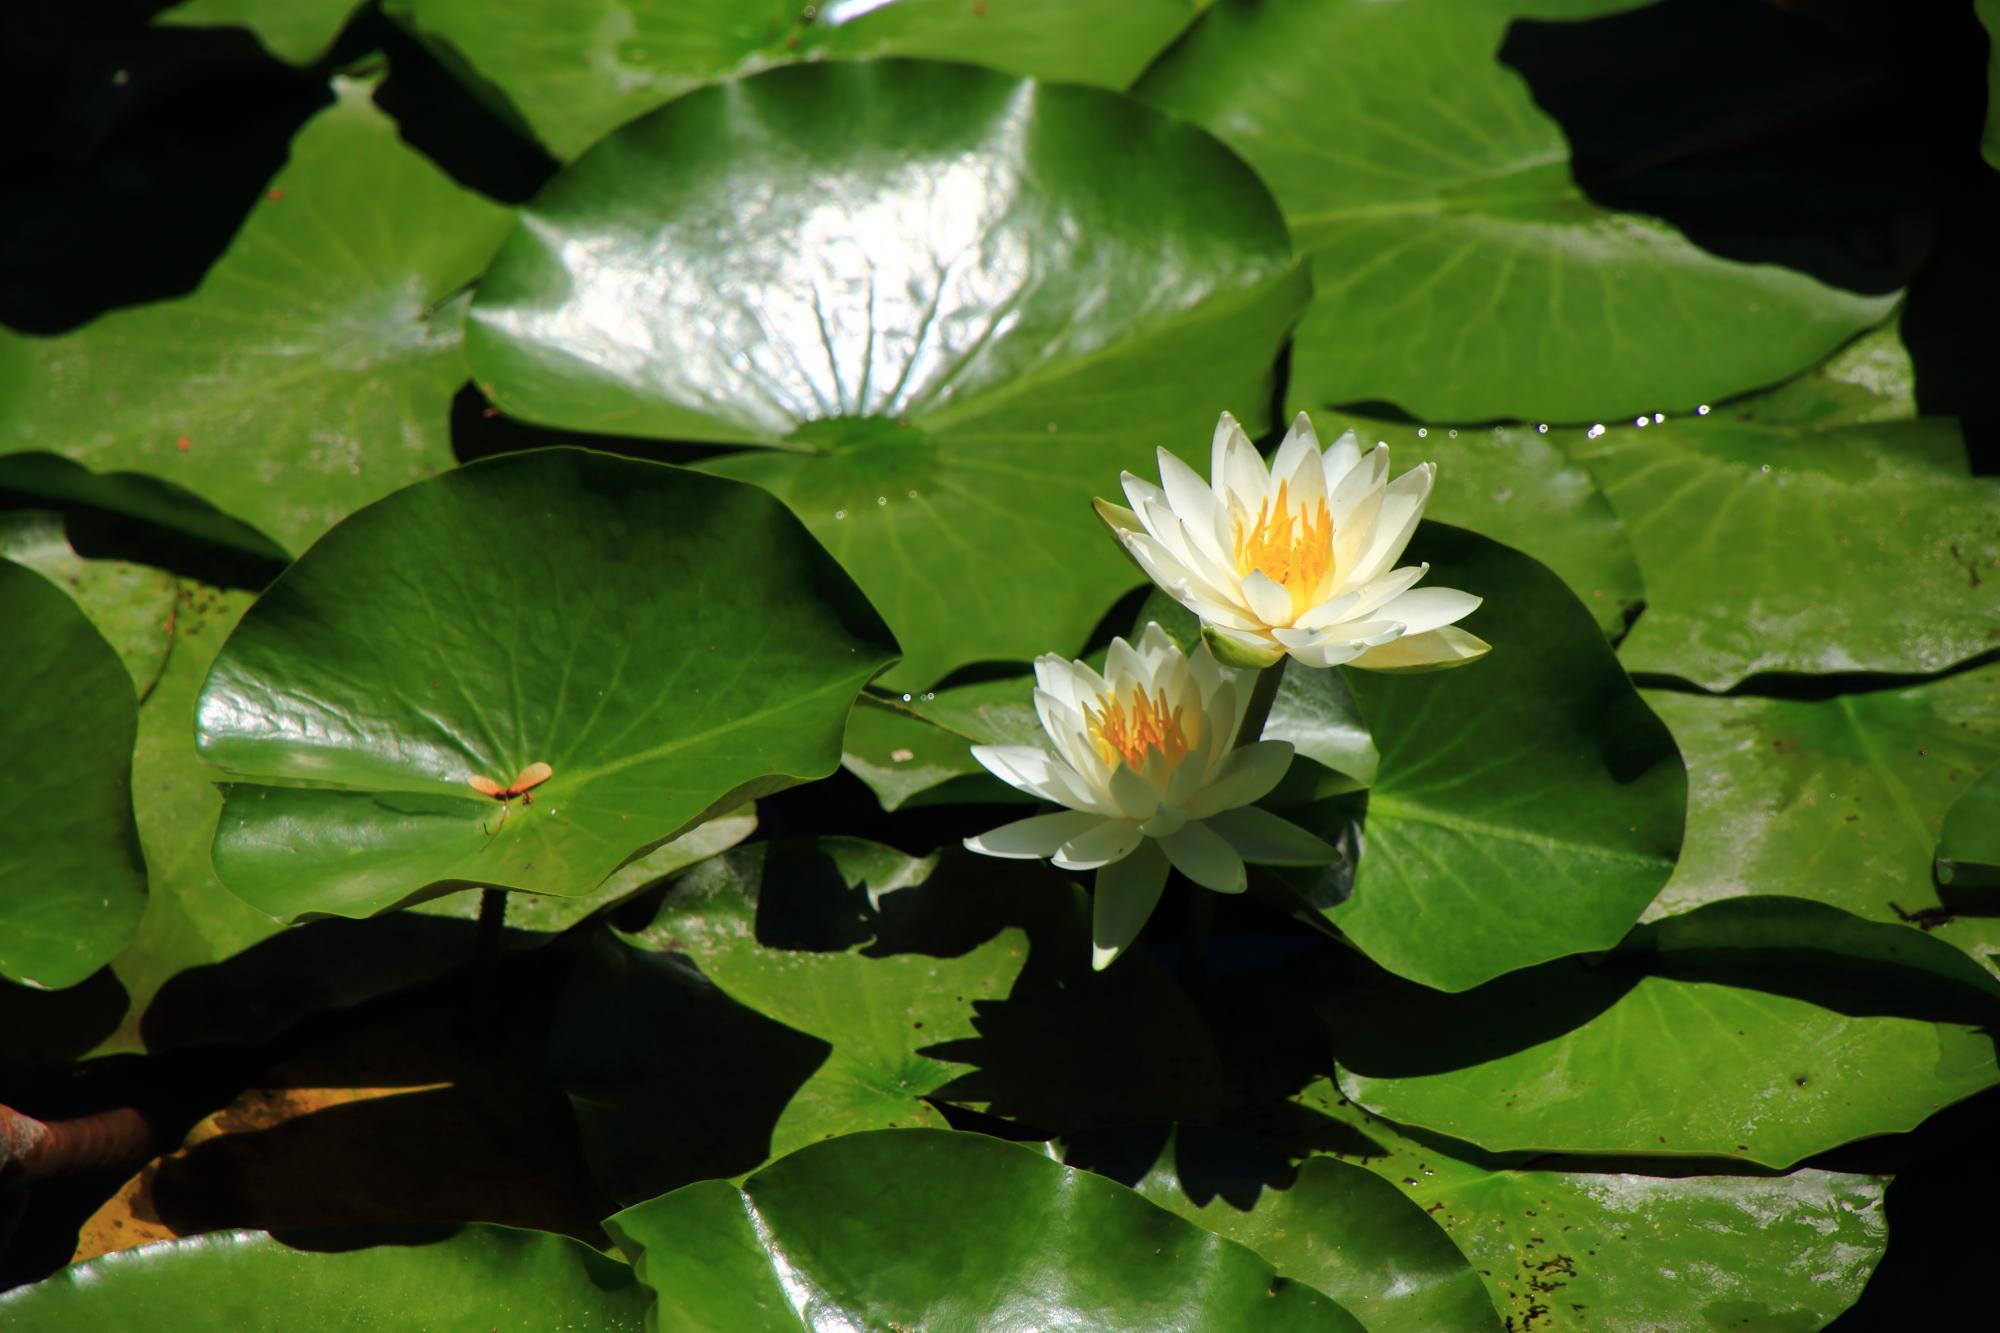 緑の丸い葉があってこそ美しい睡蓮の花